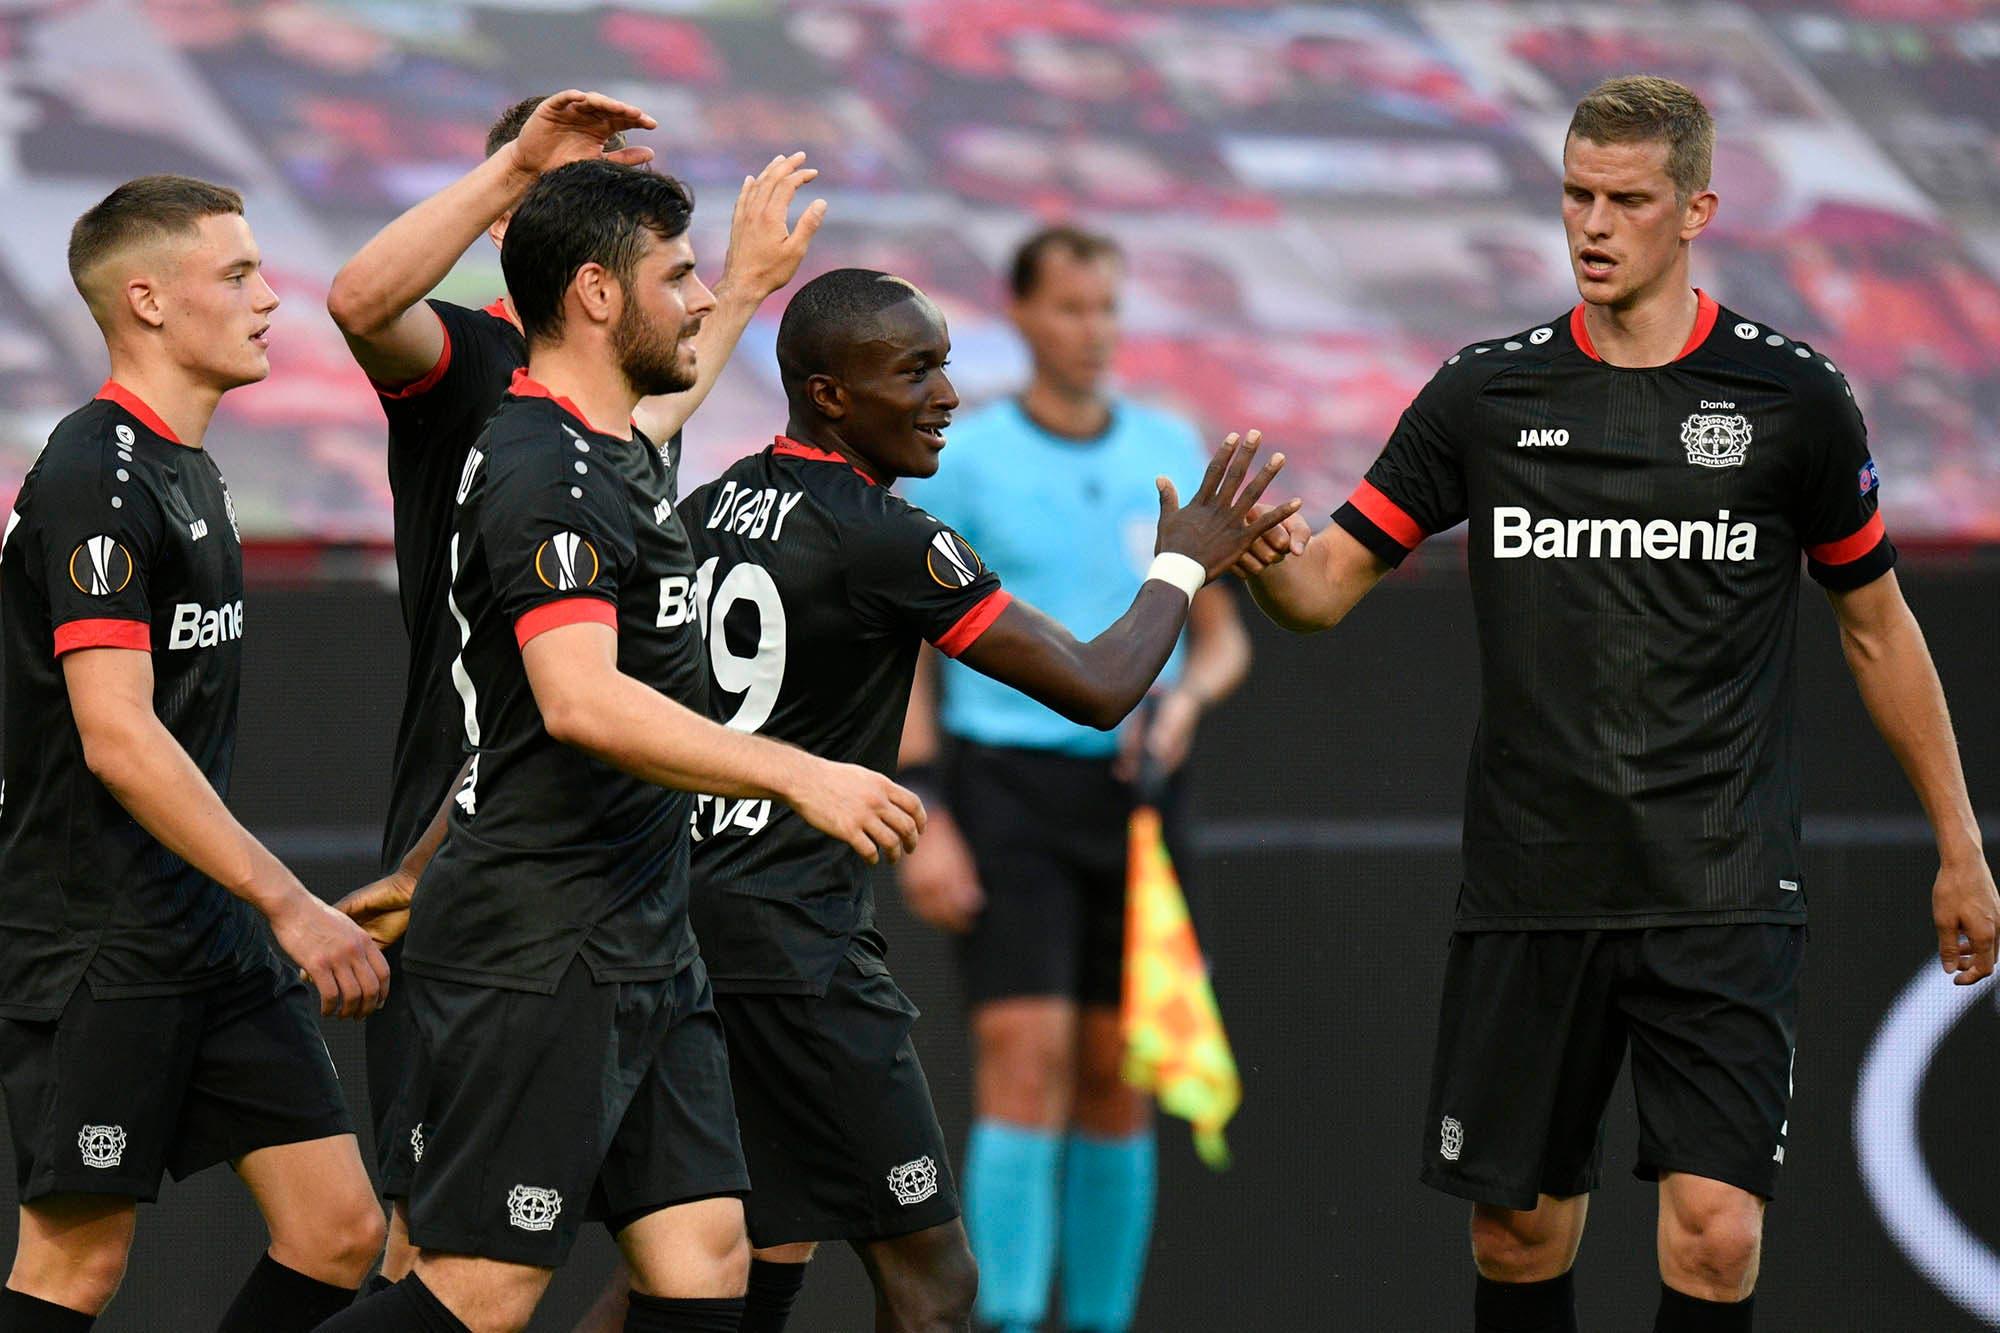 Europa League. Bayer Leverkusen, Basel y Wolverhampton completaron los octavos de final y Alemania espera